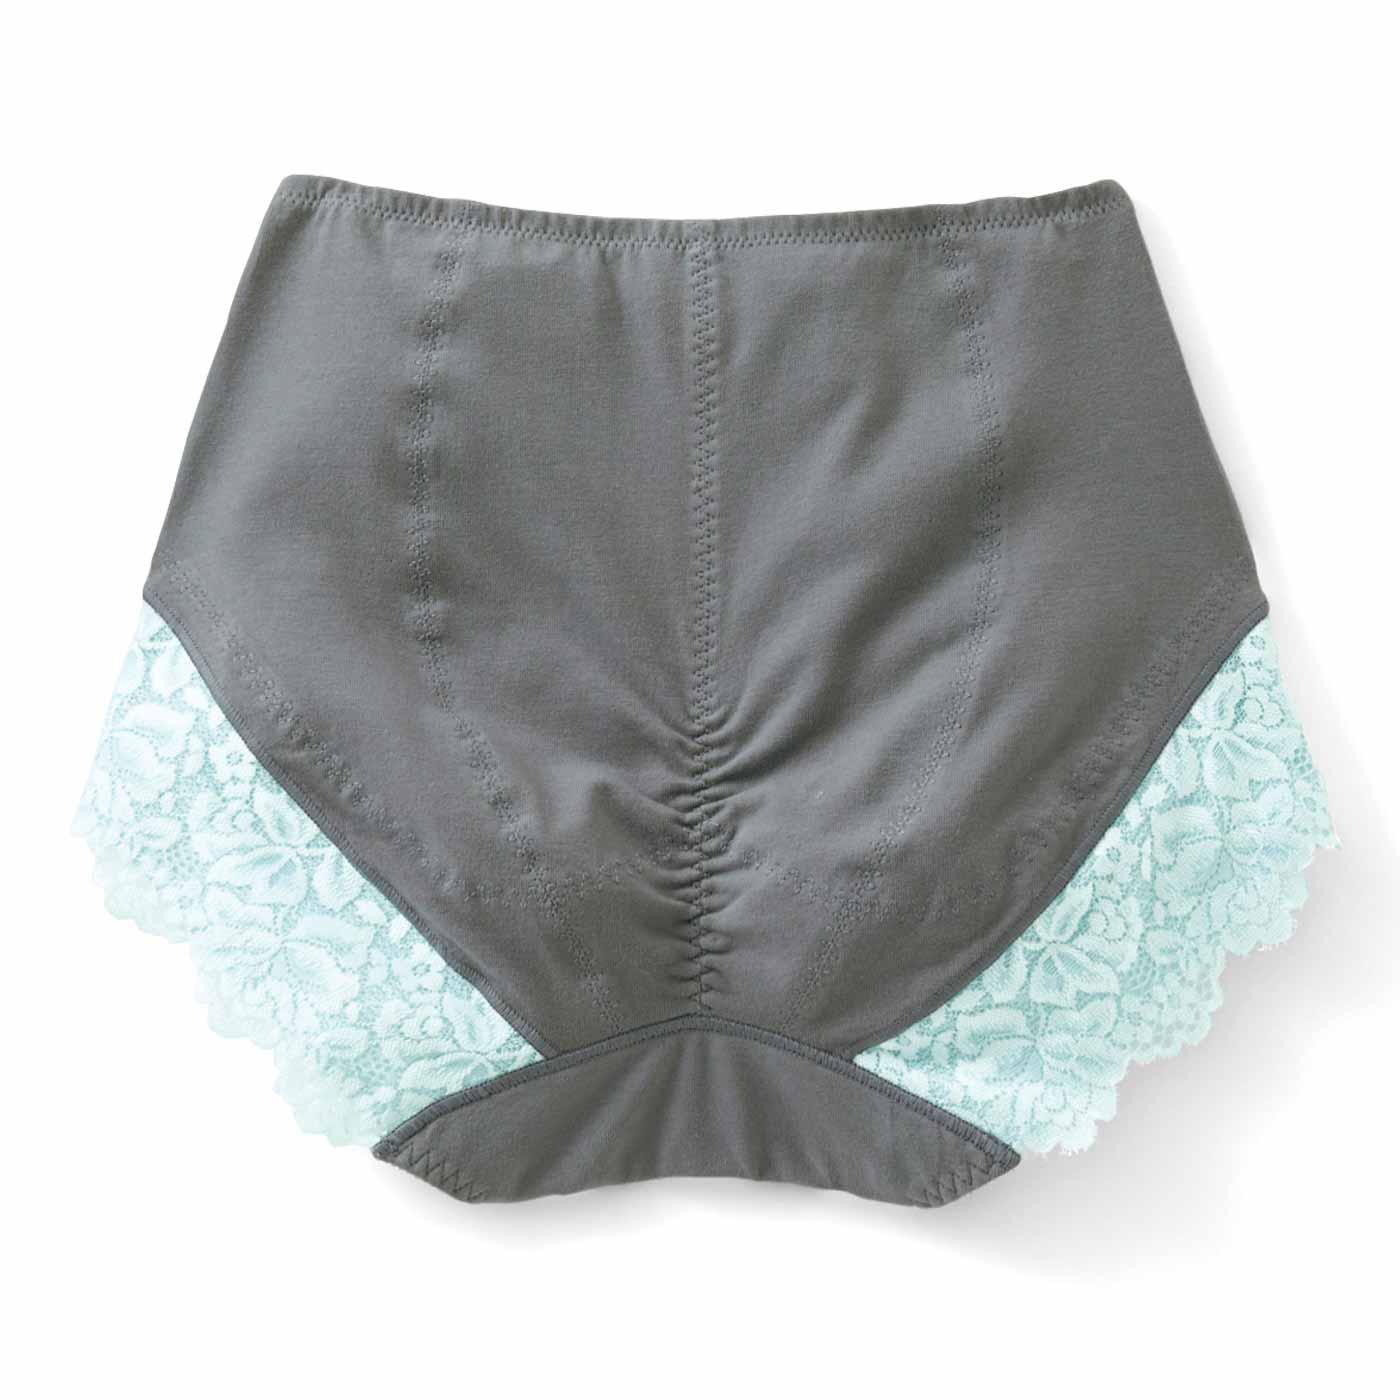 【背面/表】4枚の生地縫製で、お尻の形にそって包んで丸じりに。